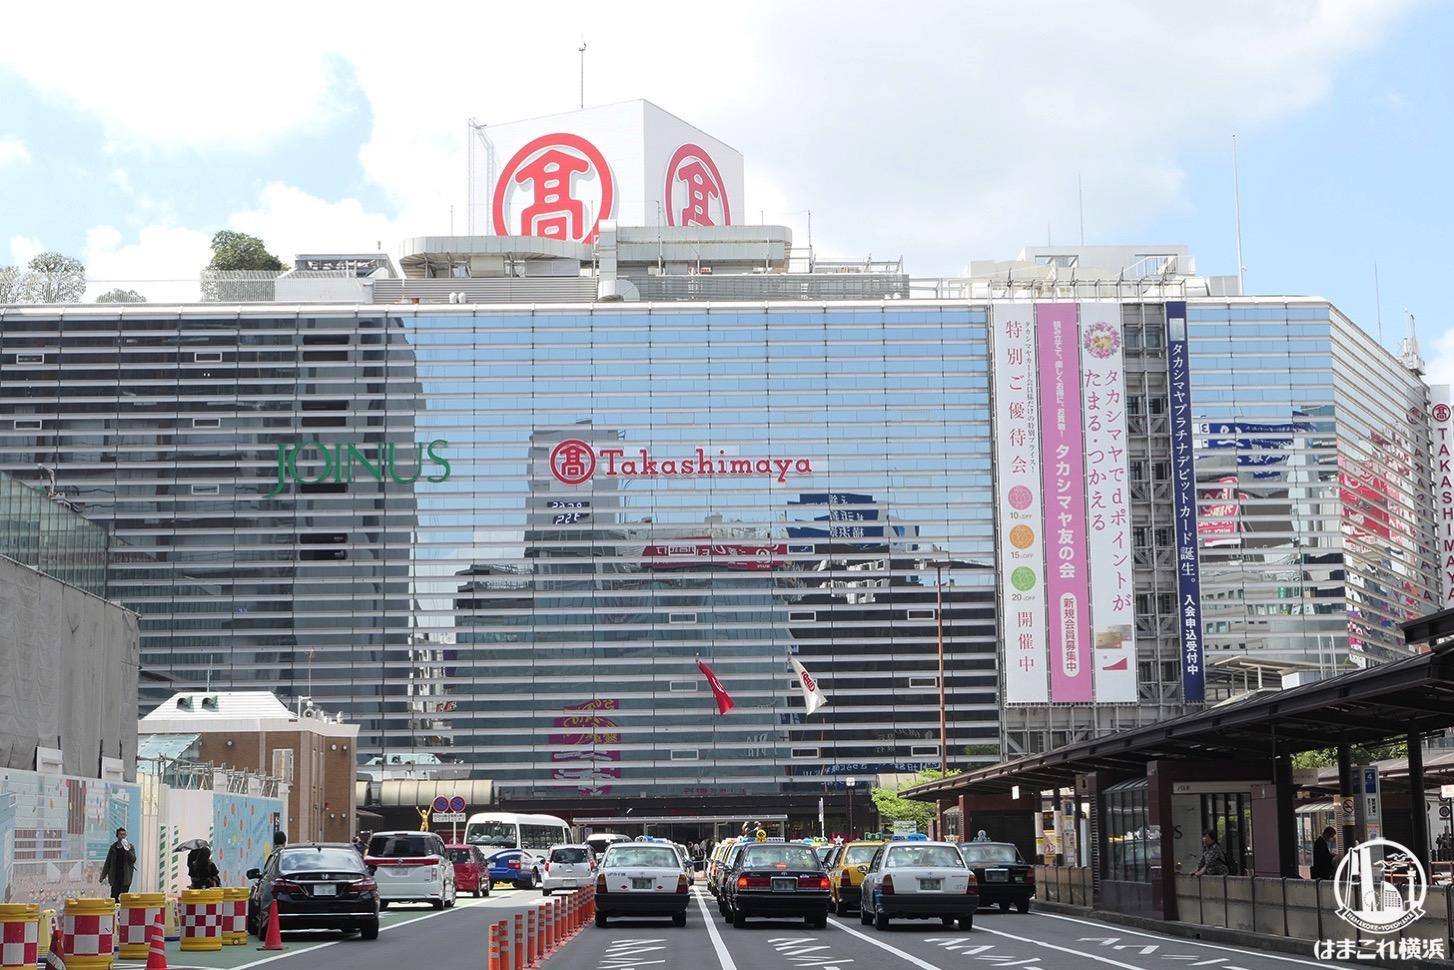 横浜高島屋、食料品売場が営業再開 美容室従業員がコロナウイルス感染